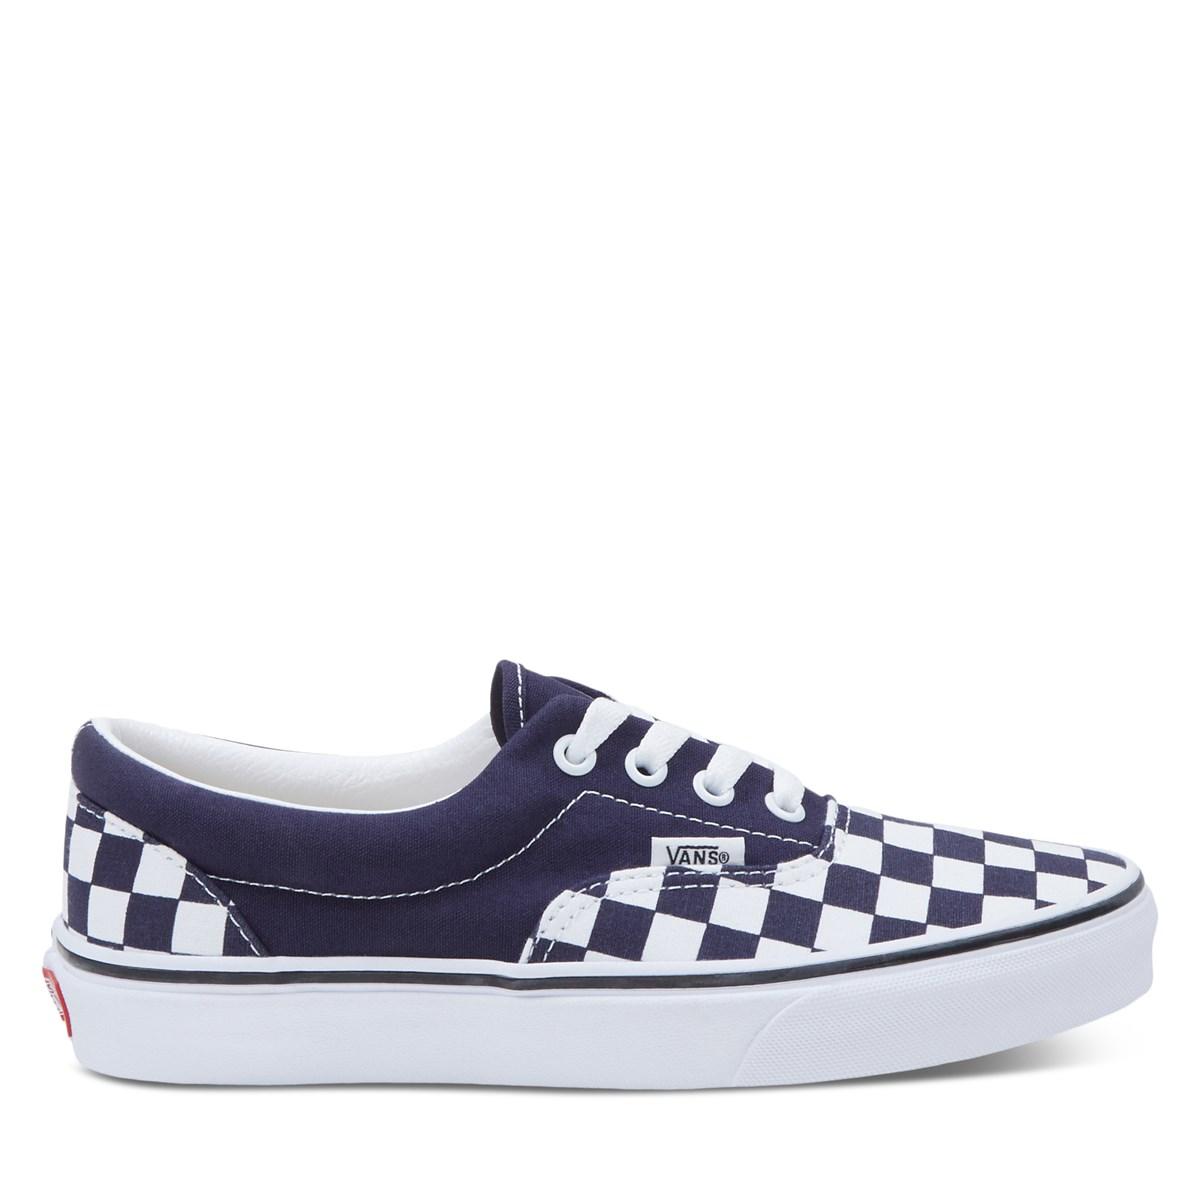 Women's Checkerboard Era Sneakers in Blue